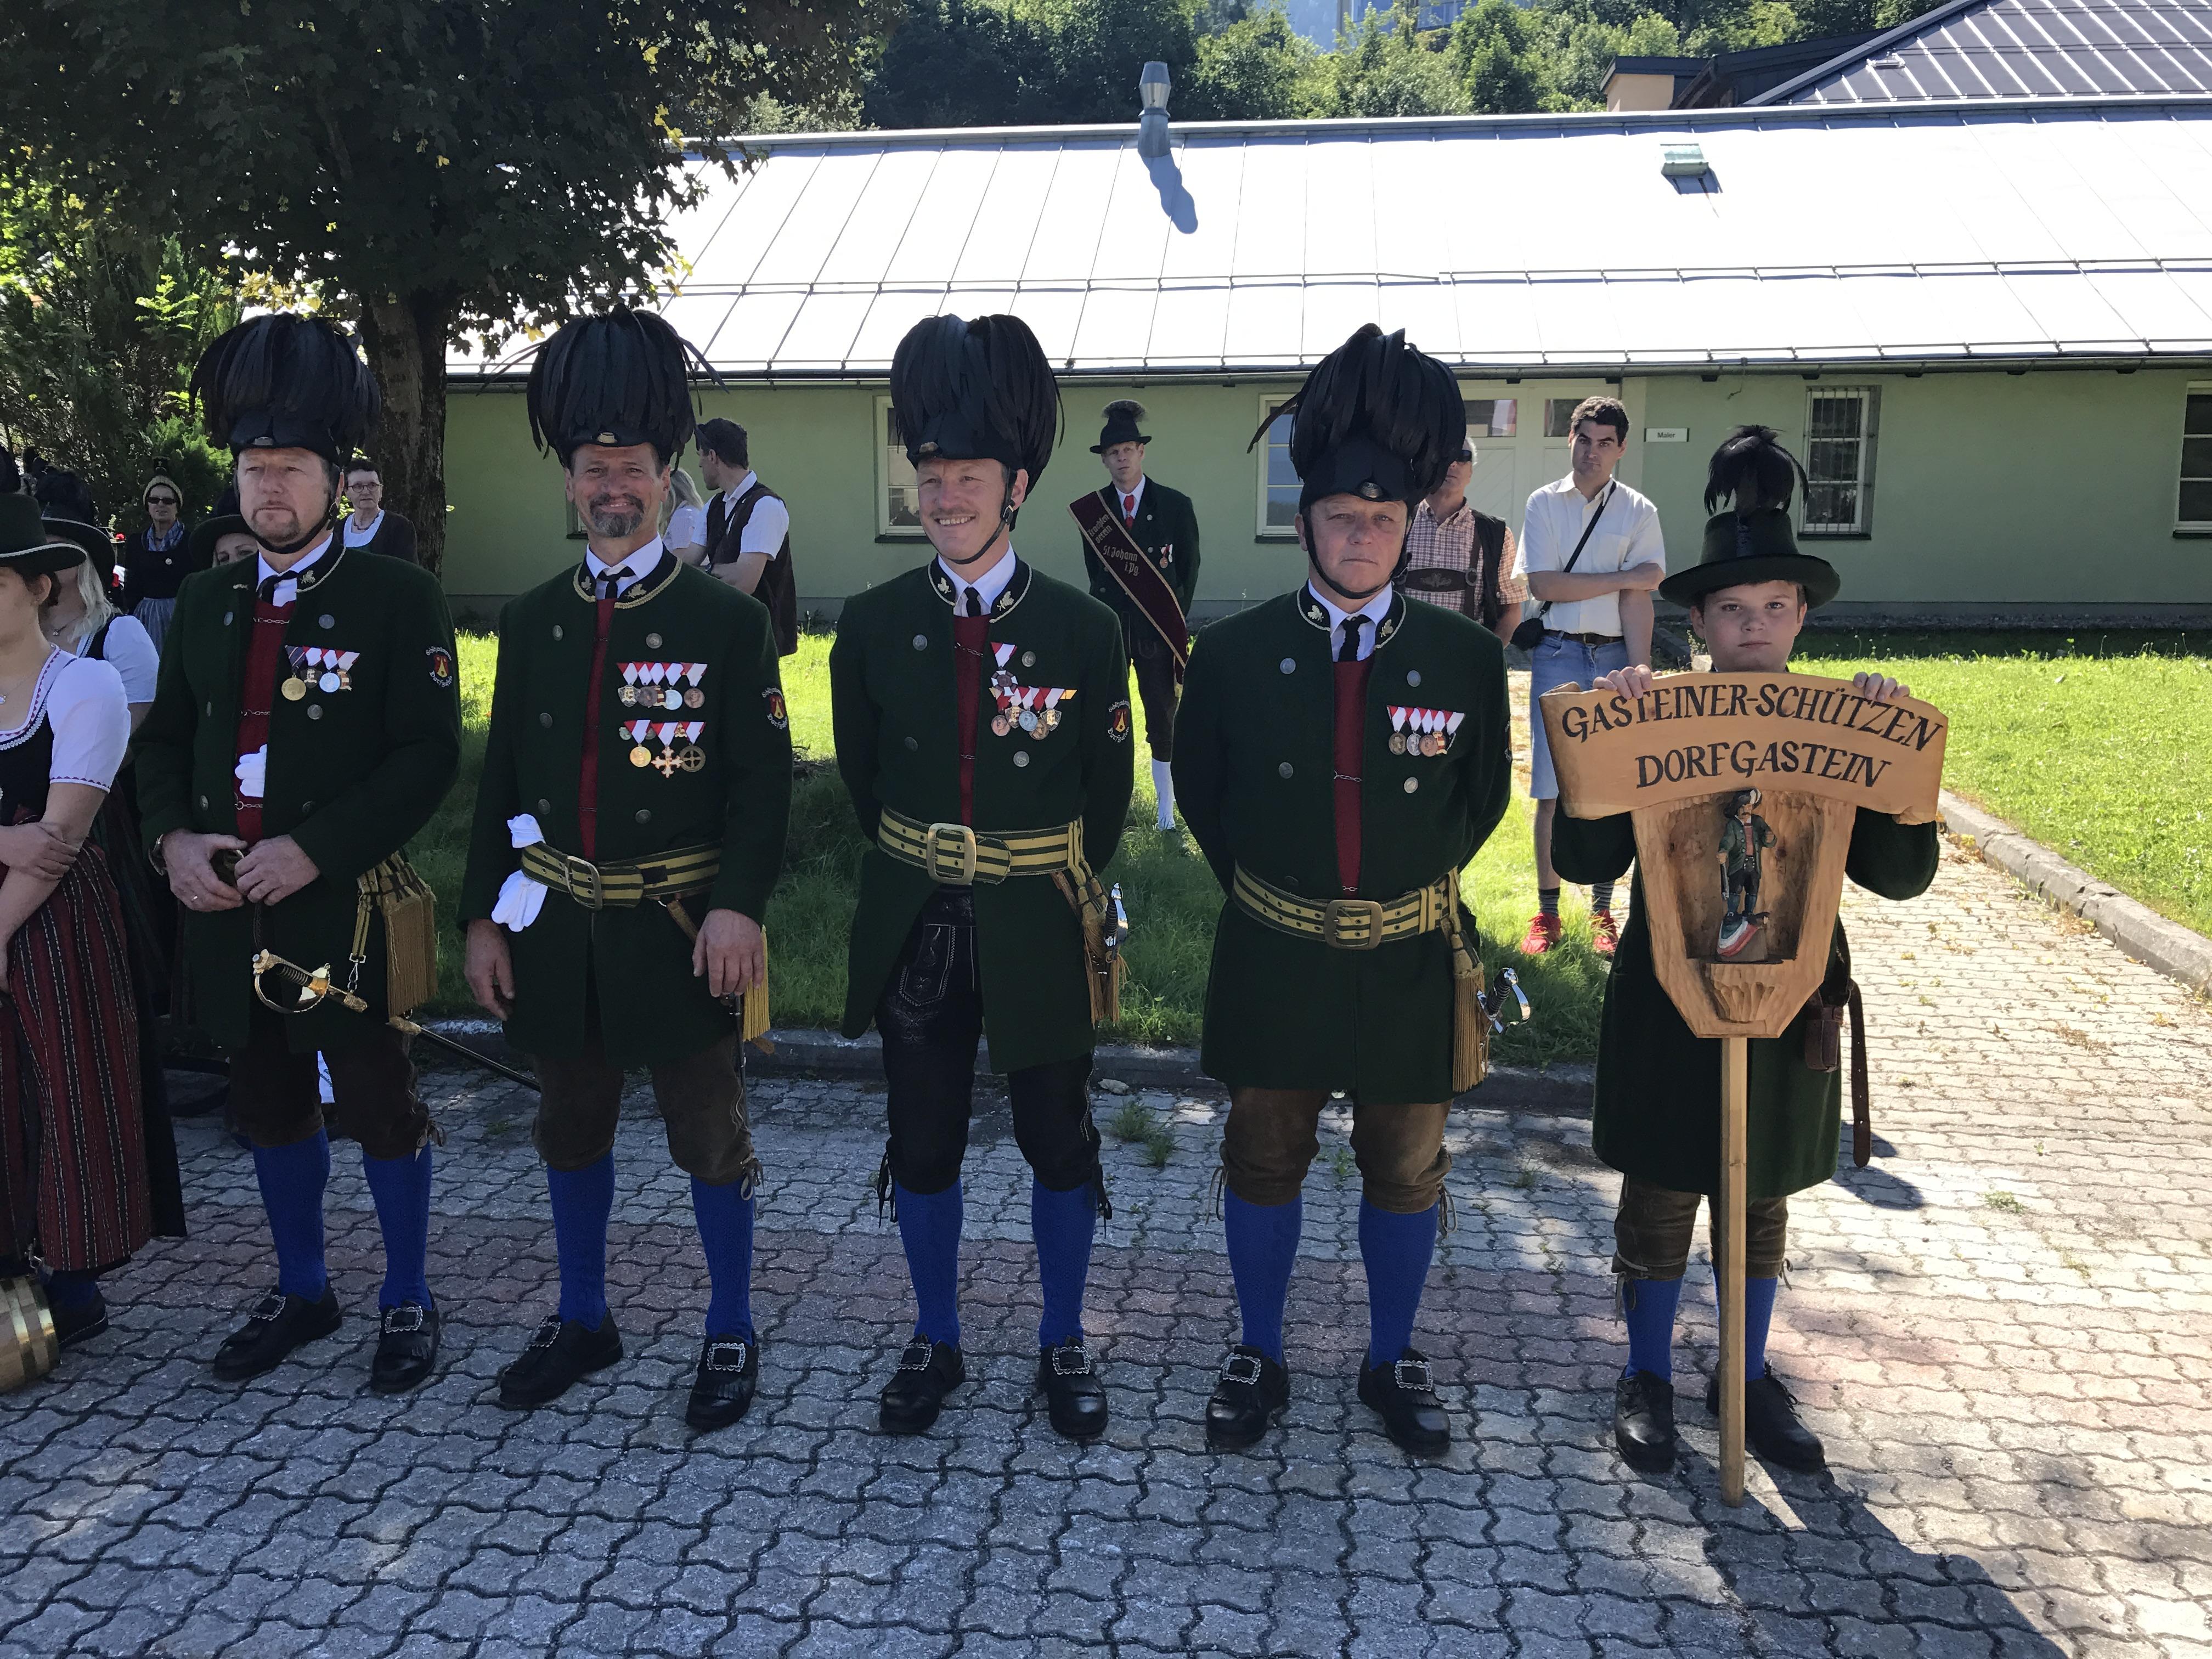 Offiziere der Gasteiner Schützen